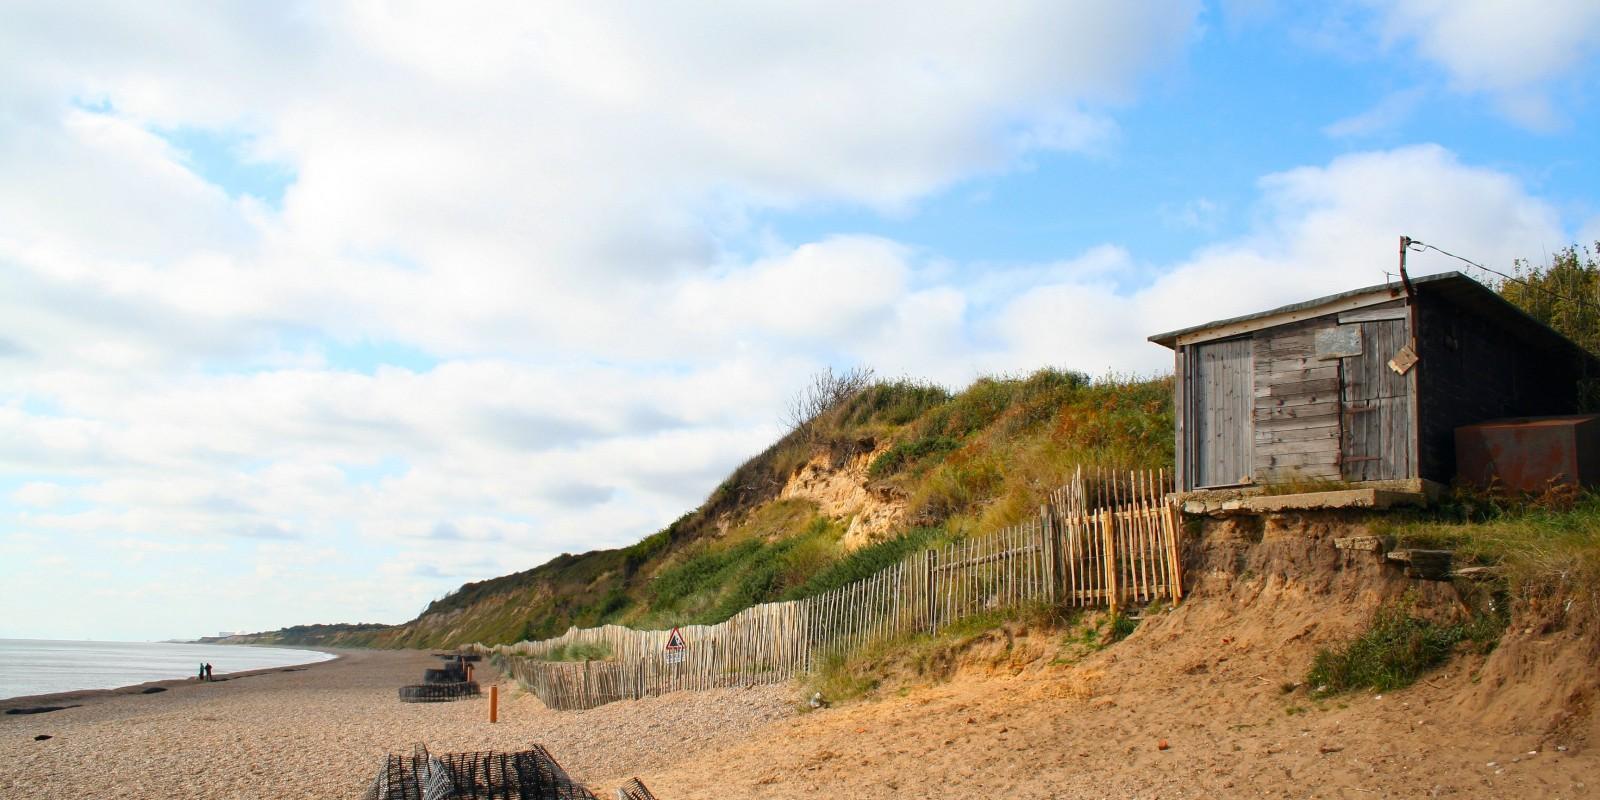 Dunwich Beach shot